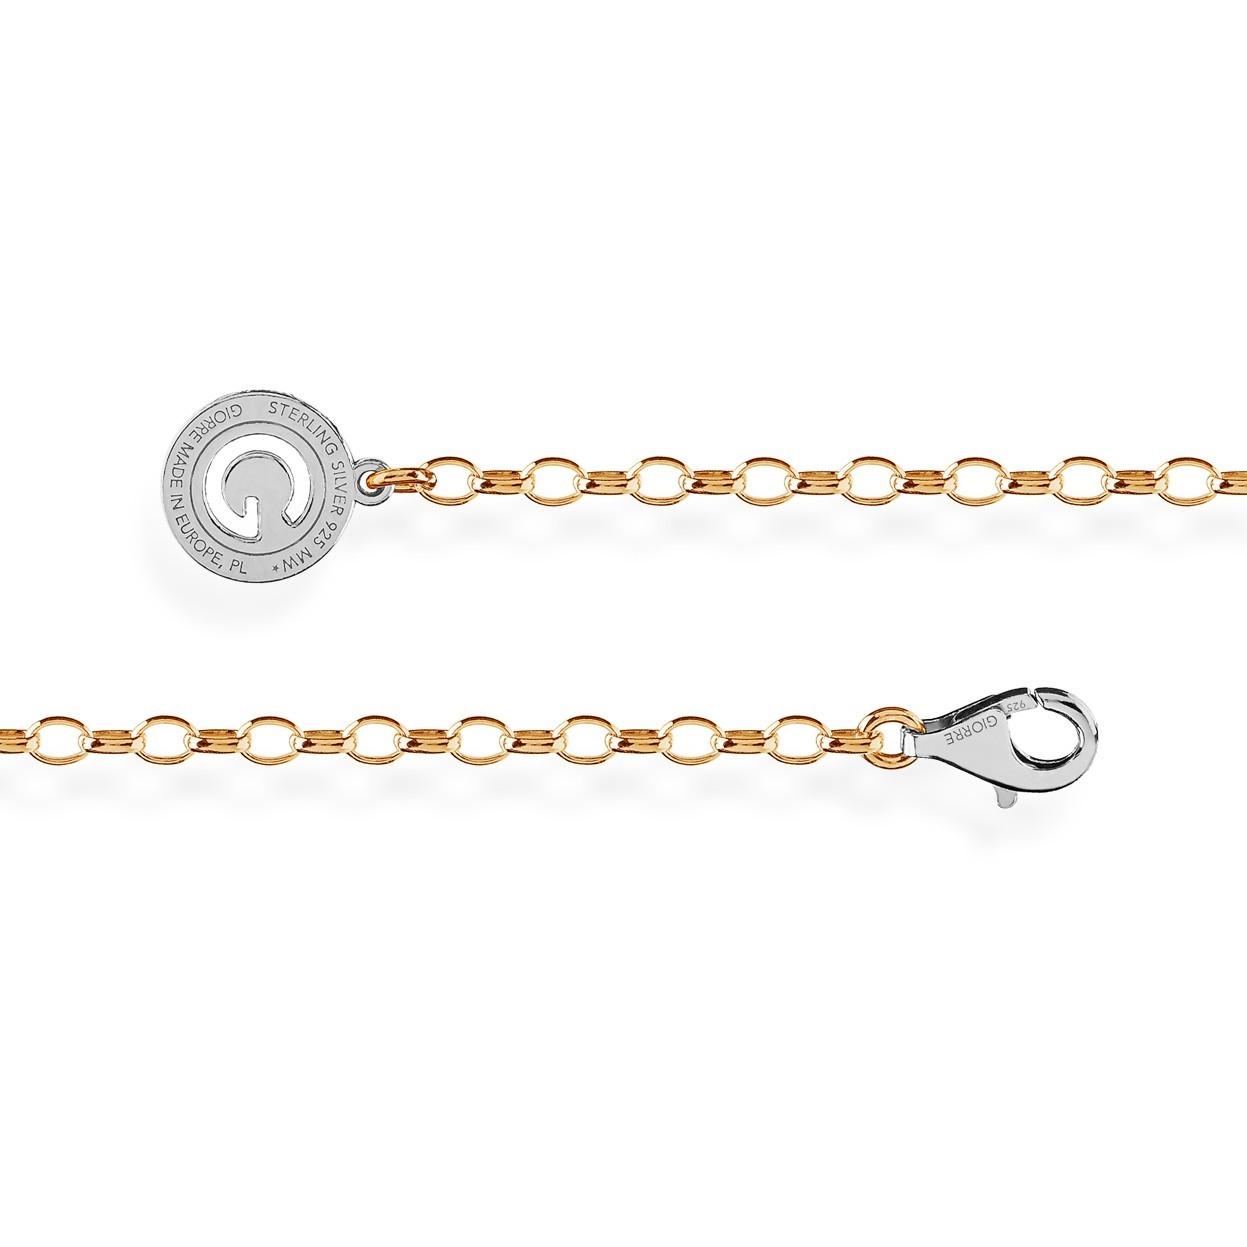 Gargantilla de plata 55-65 cm oro amarillo, cierre de rodio claro, enlace 4x3mm